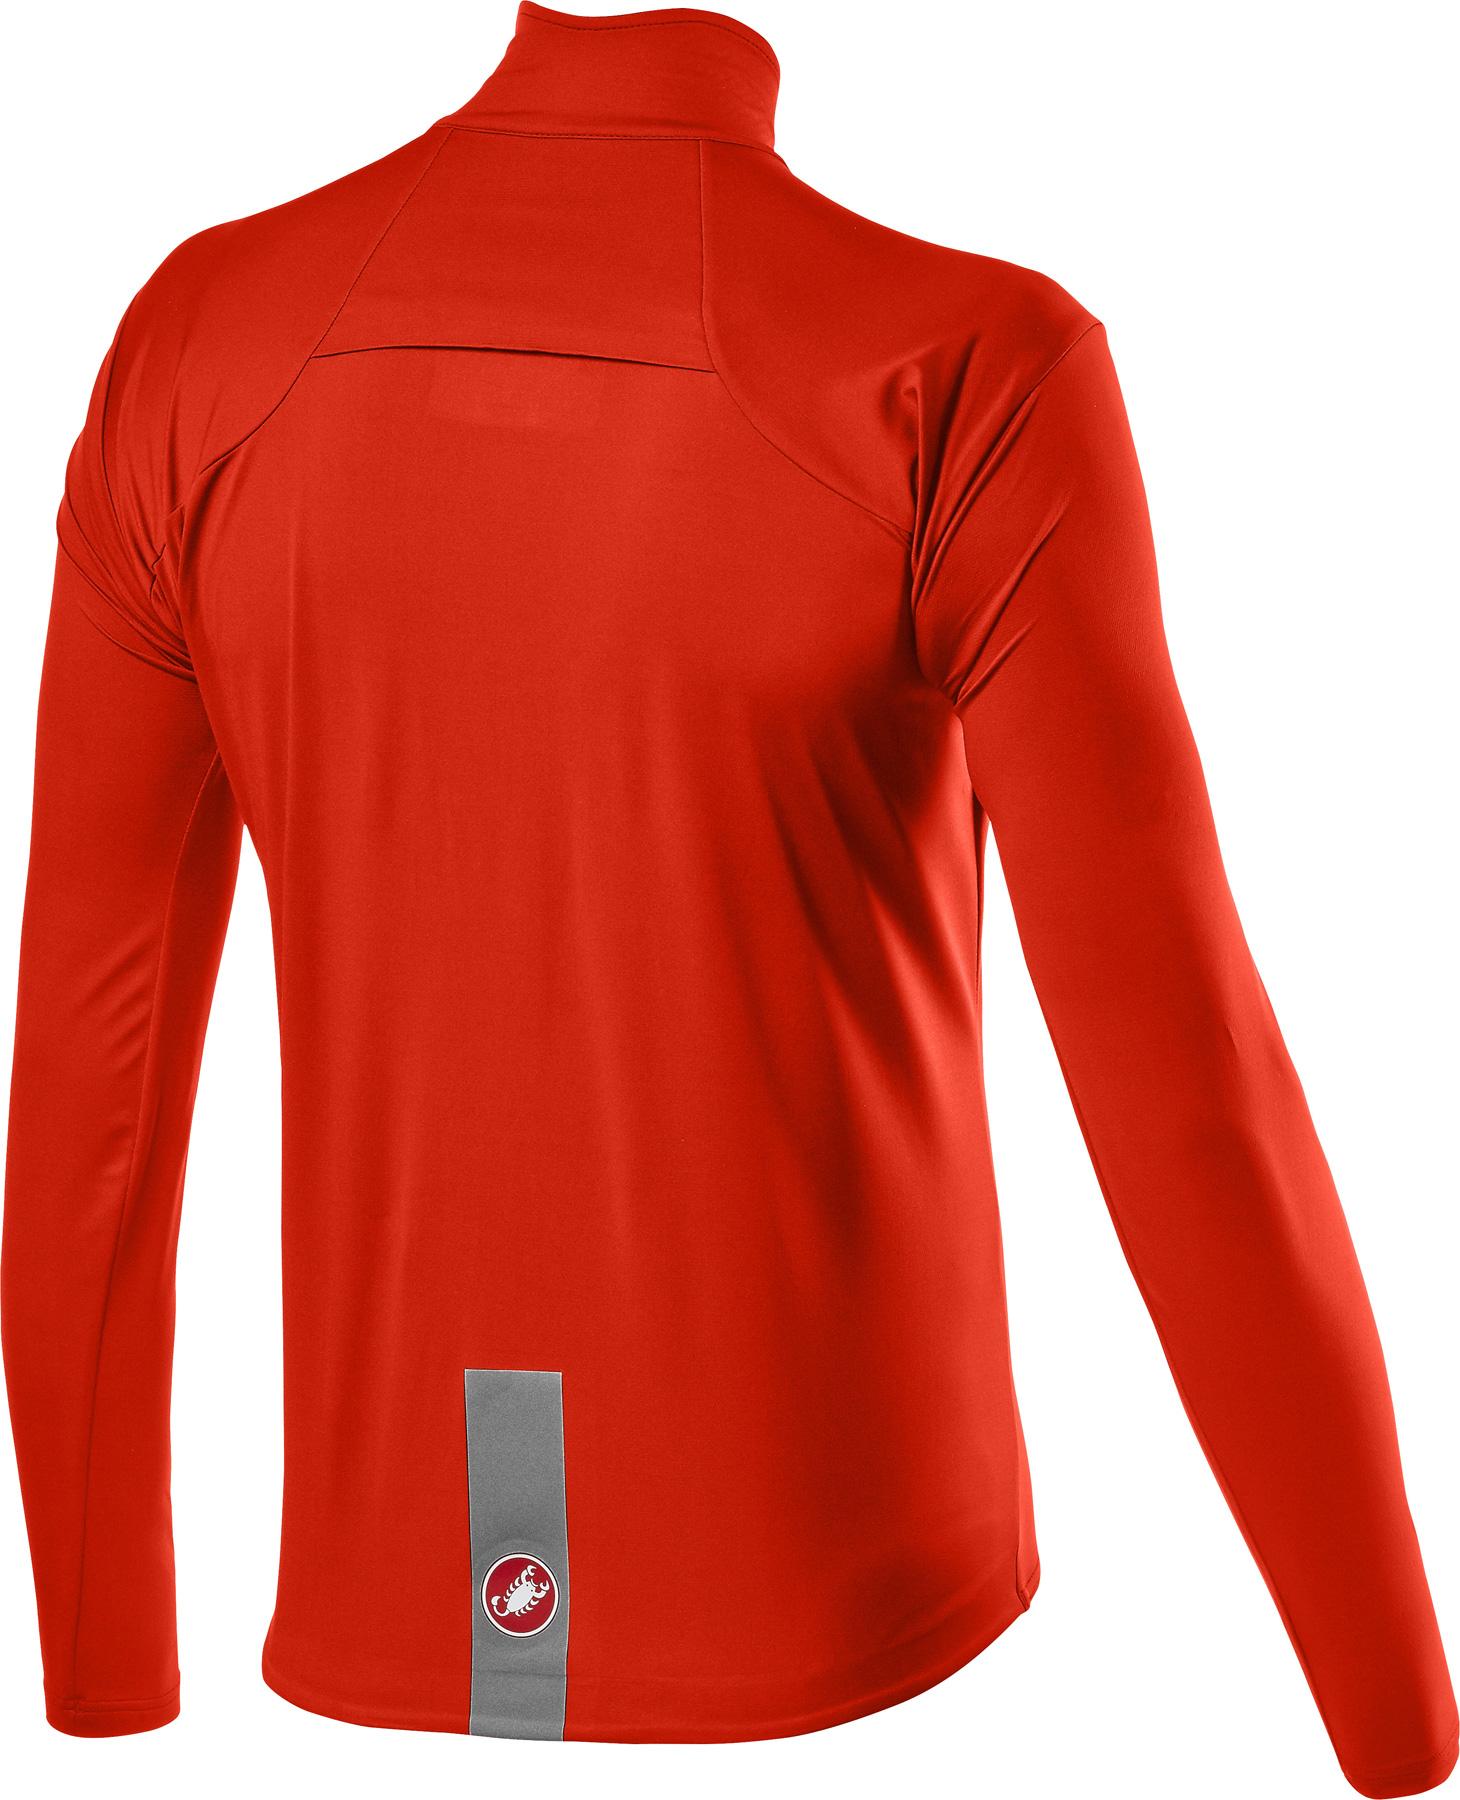 Image of Castelli Goccia Jacket - fiery red 656